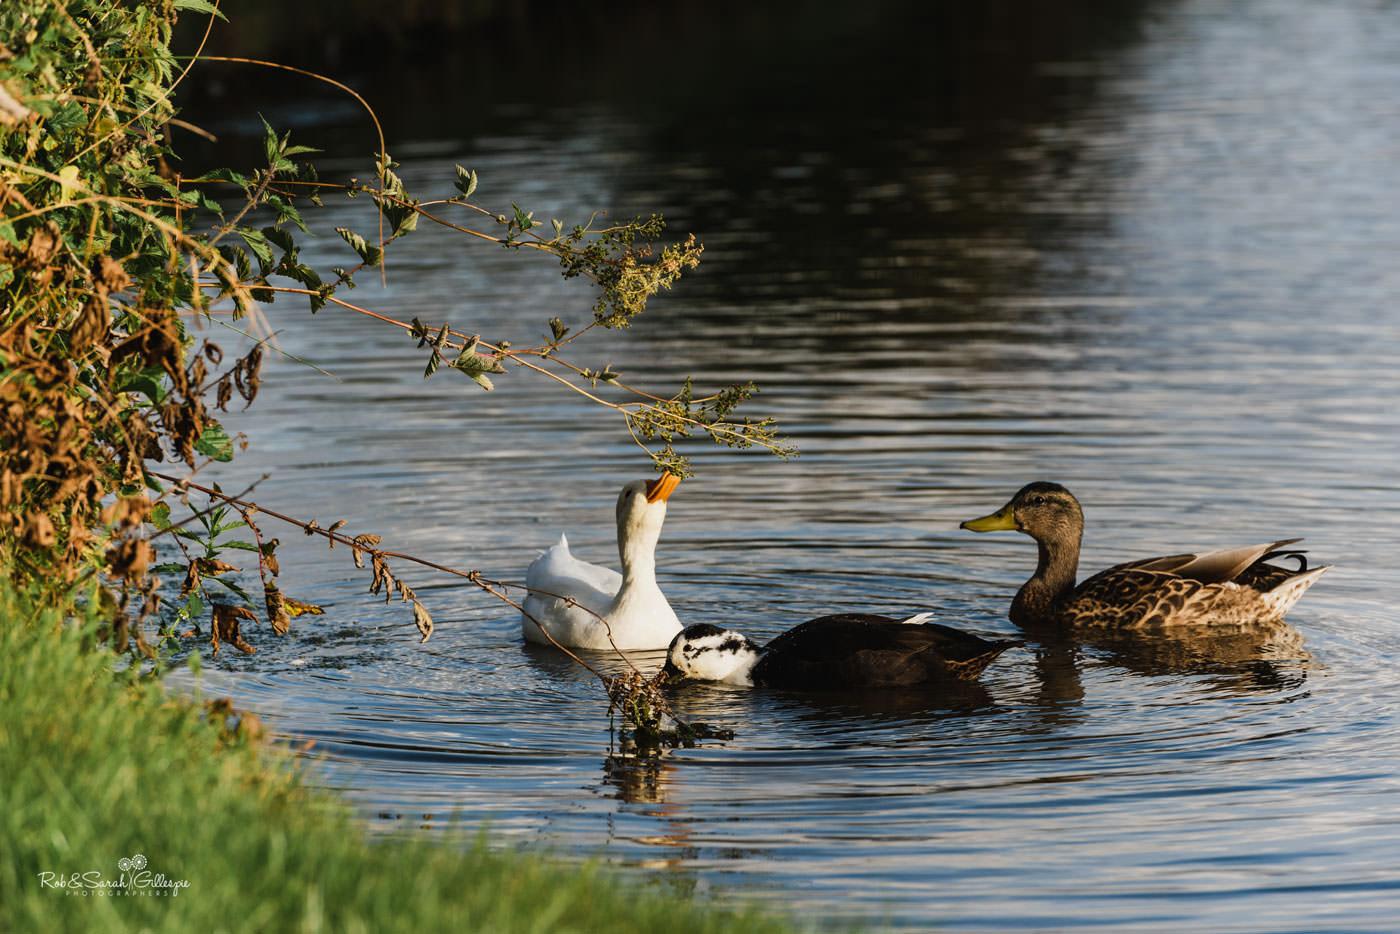 Ducks on pond at Delbury Hall